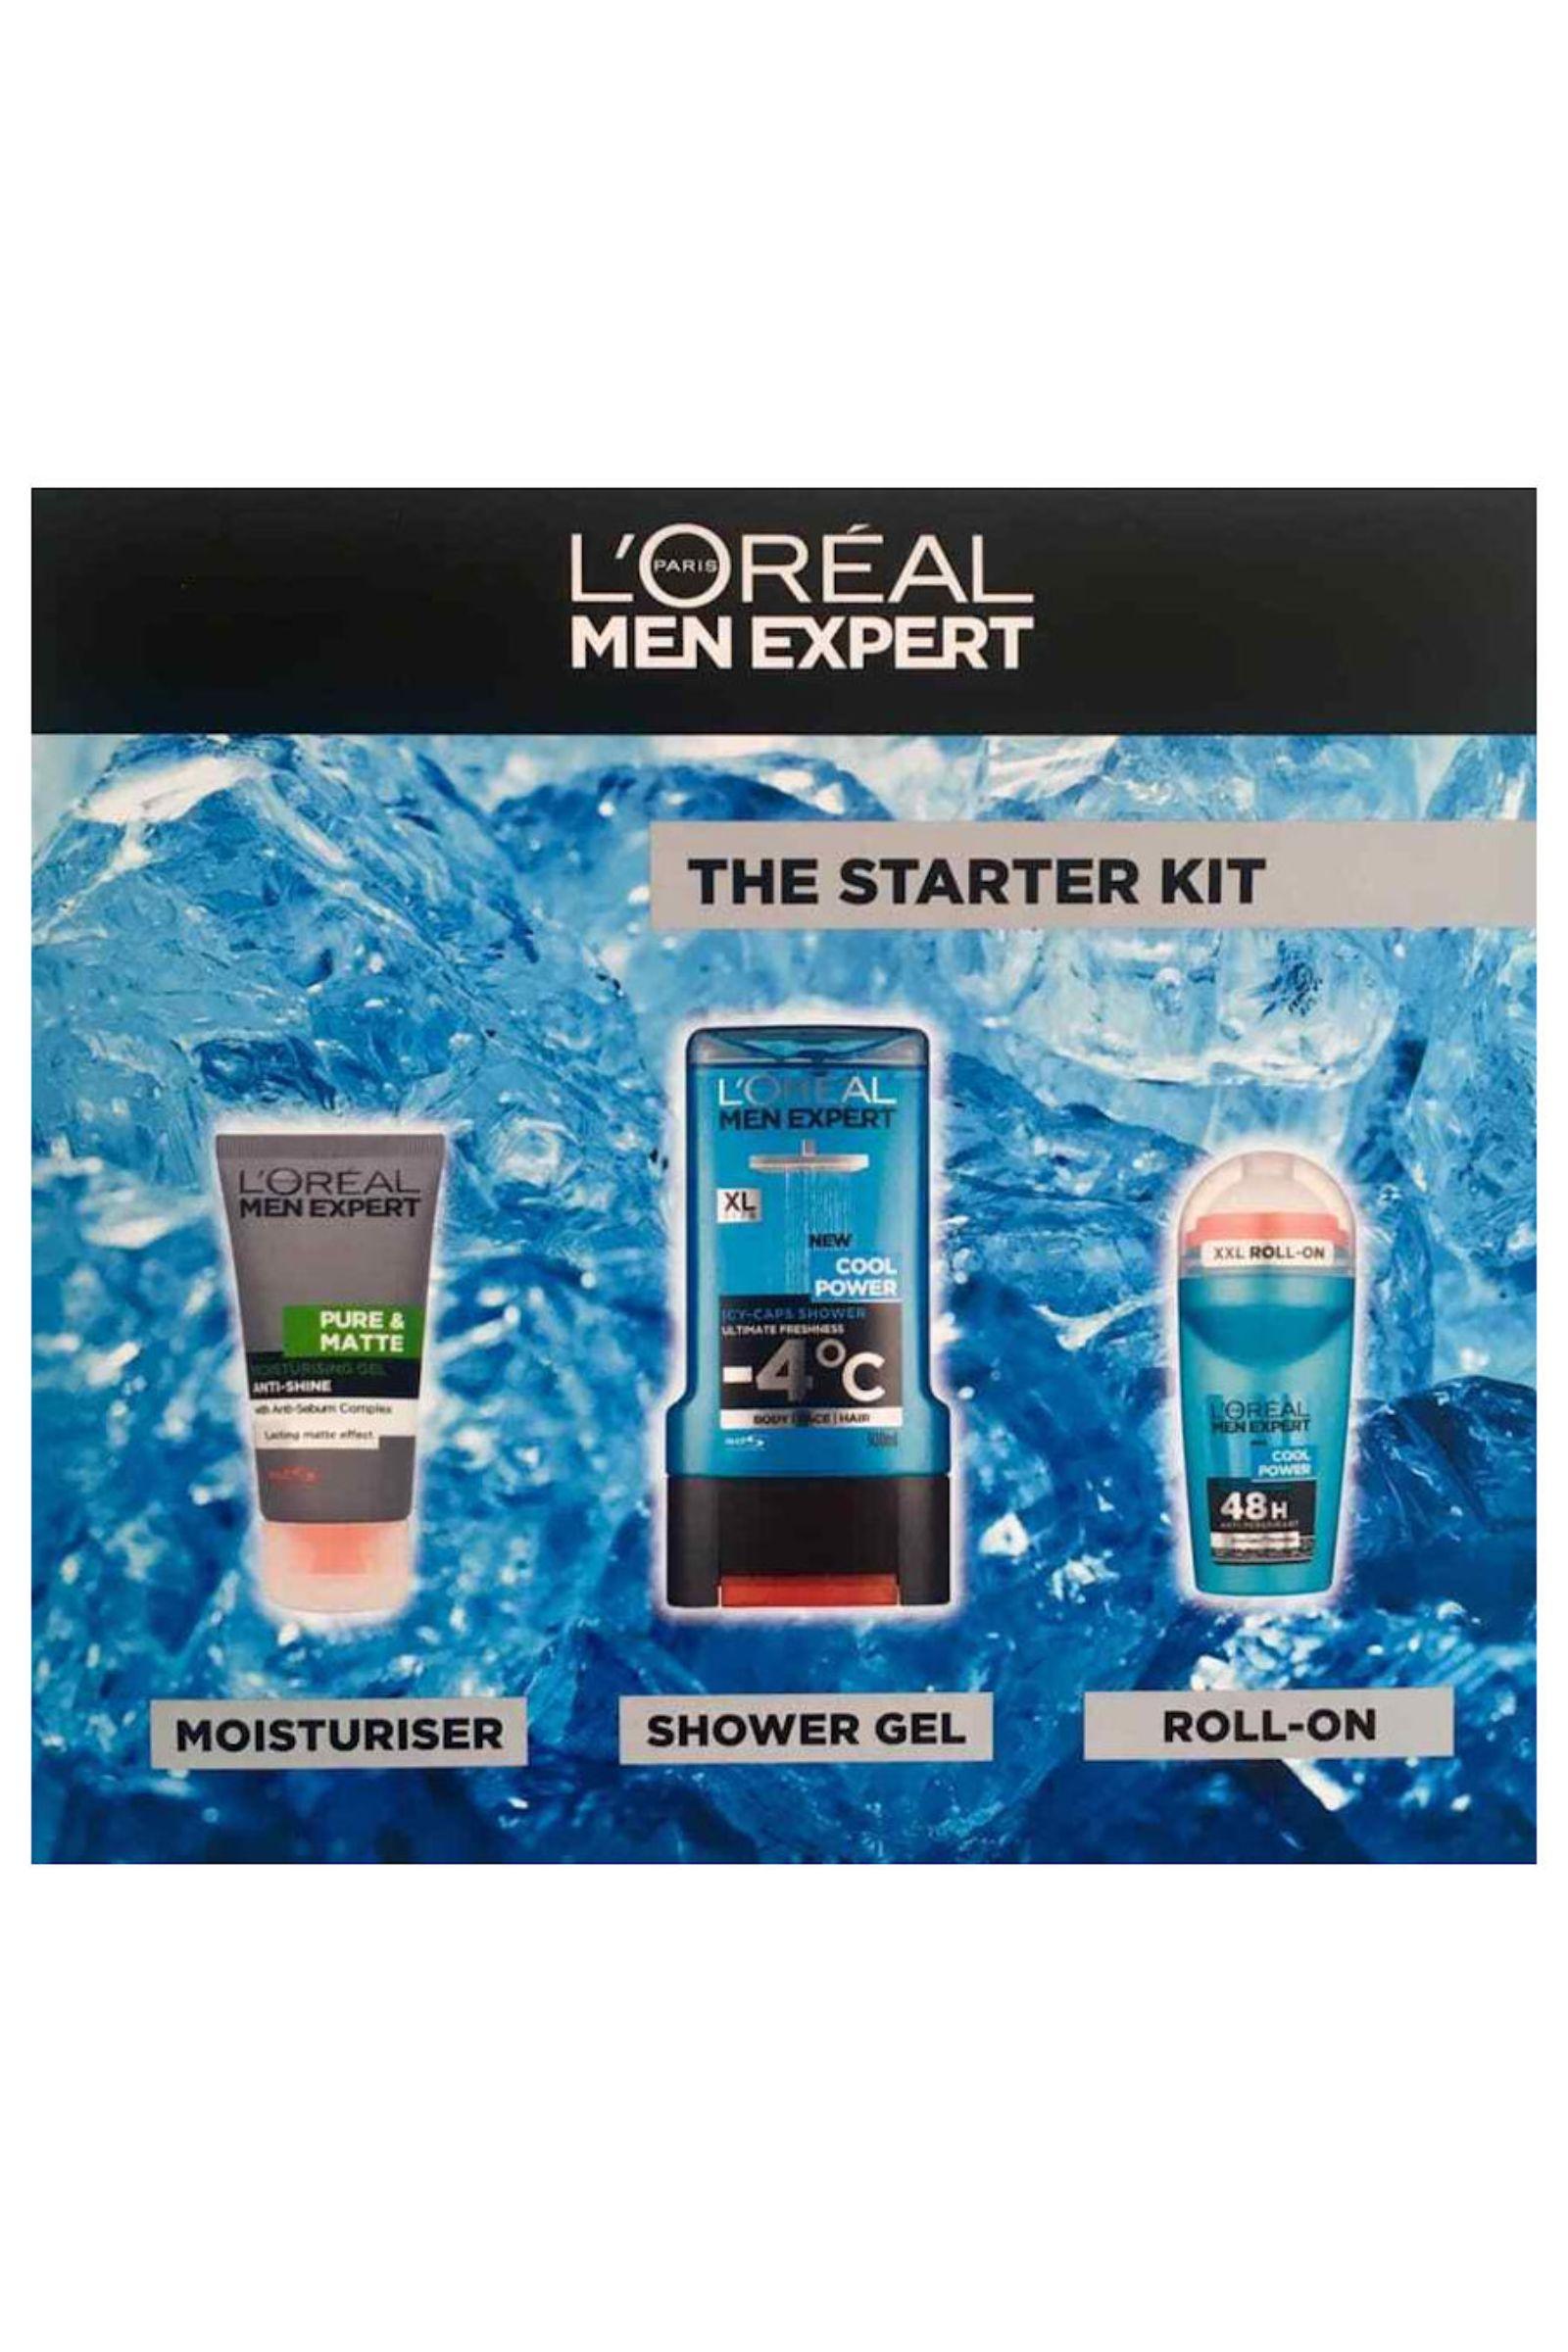 L Oreal Men Expert by L'Oreal The Starter Kit - Moisturising Gel  50ml Shower Gel 300ml, Roll on Deo 50ml